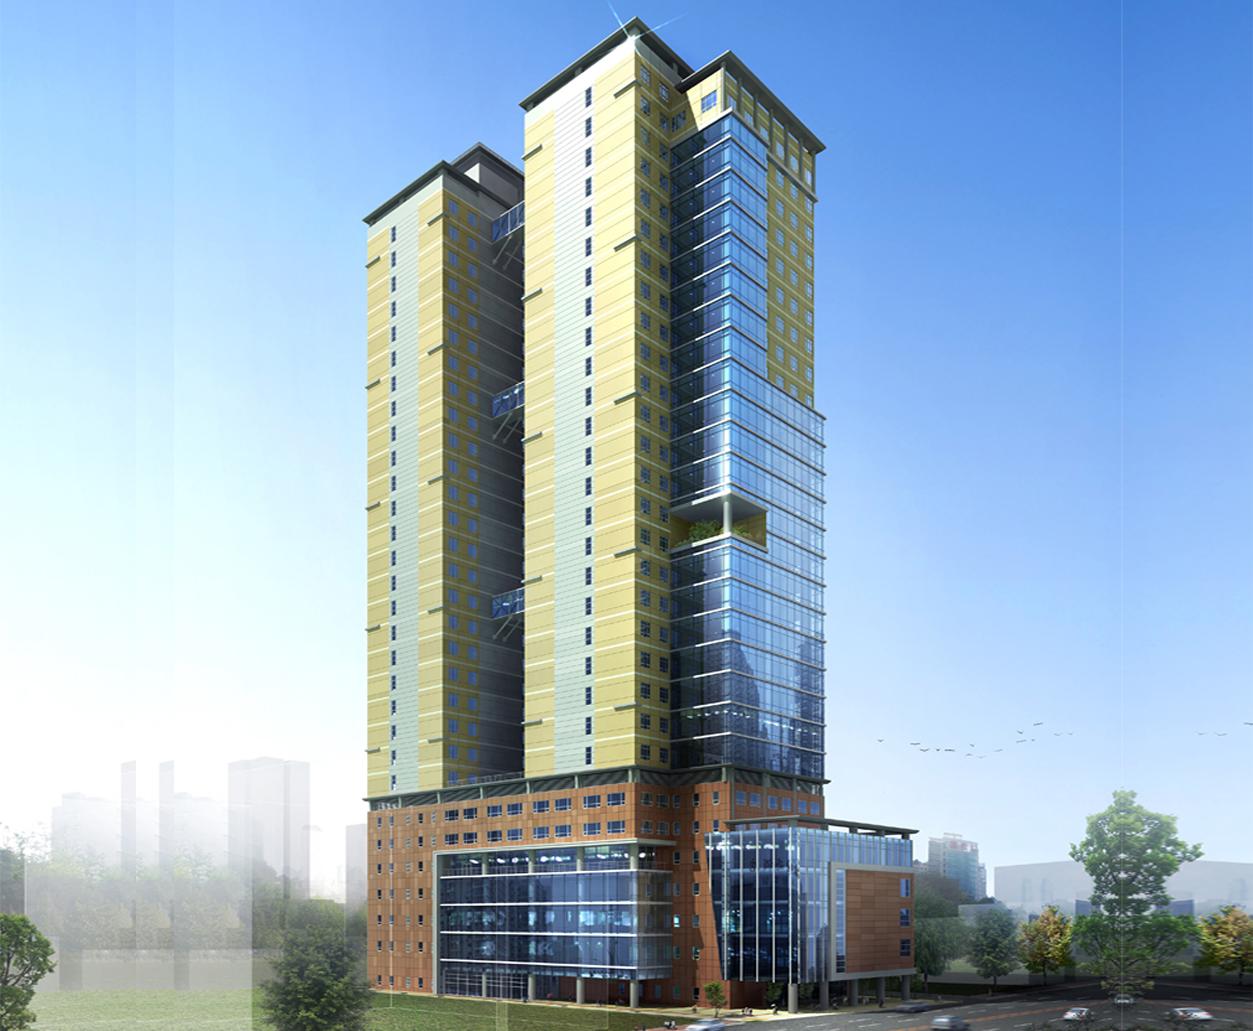 2007 중국 장춘 오피스텔 계획설계